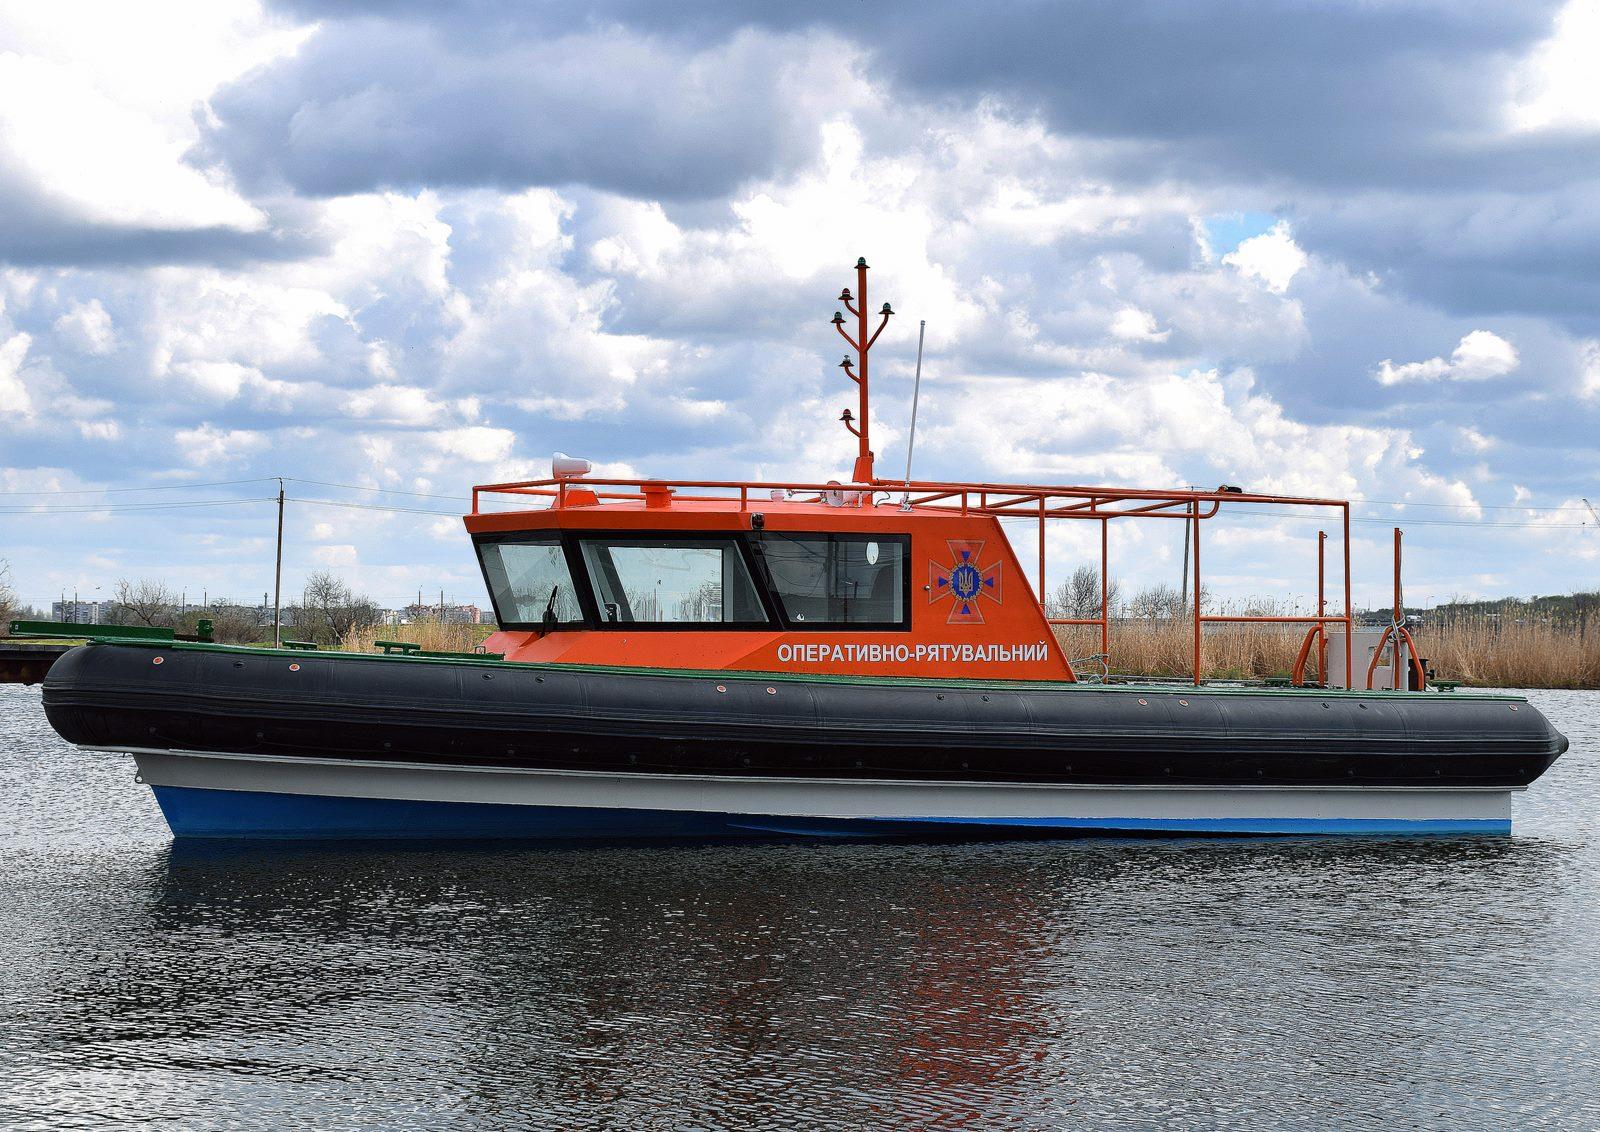 Оперативно-рятувальний катер від Black Sea Yachts